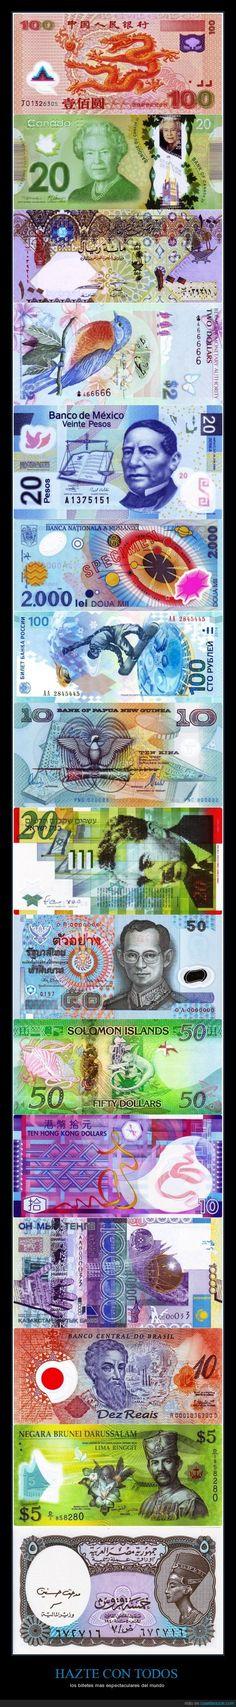 Los billetes más espectaculares del mundo (Mega Post)